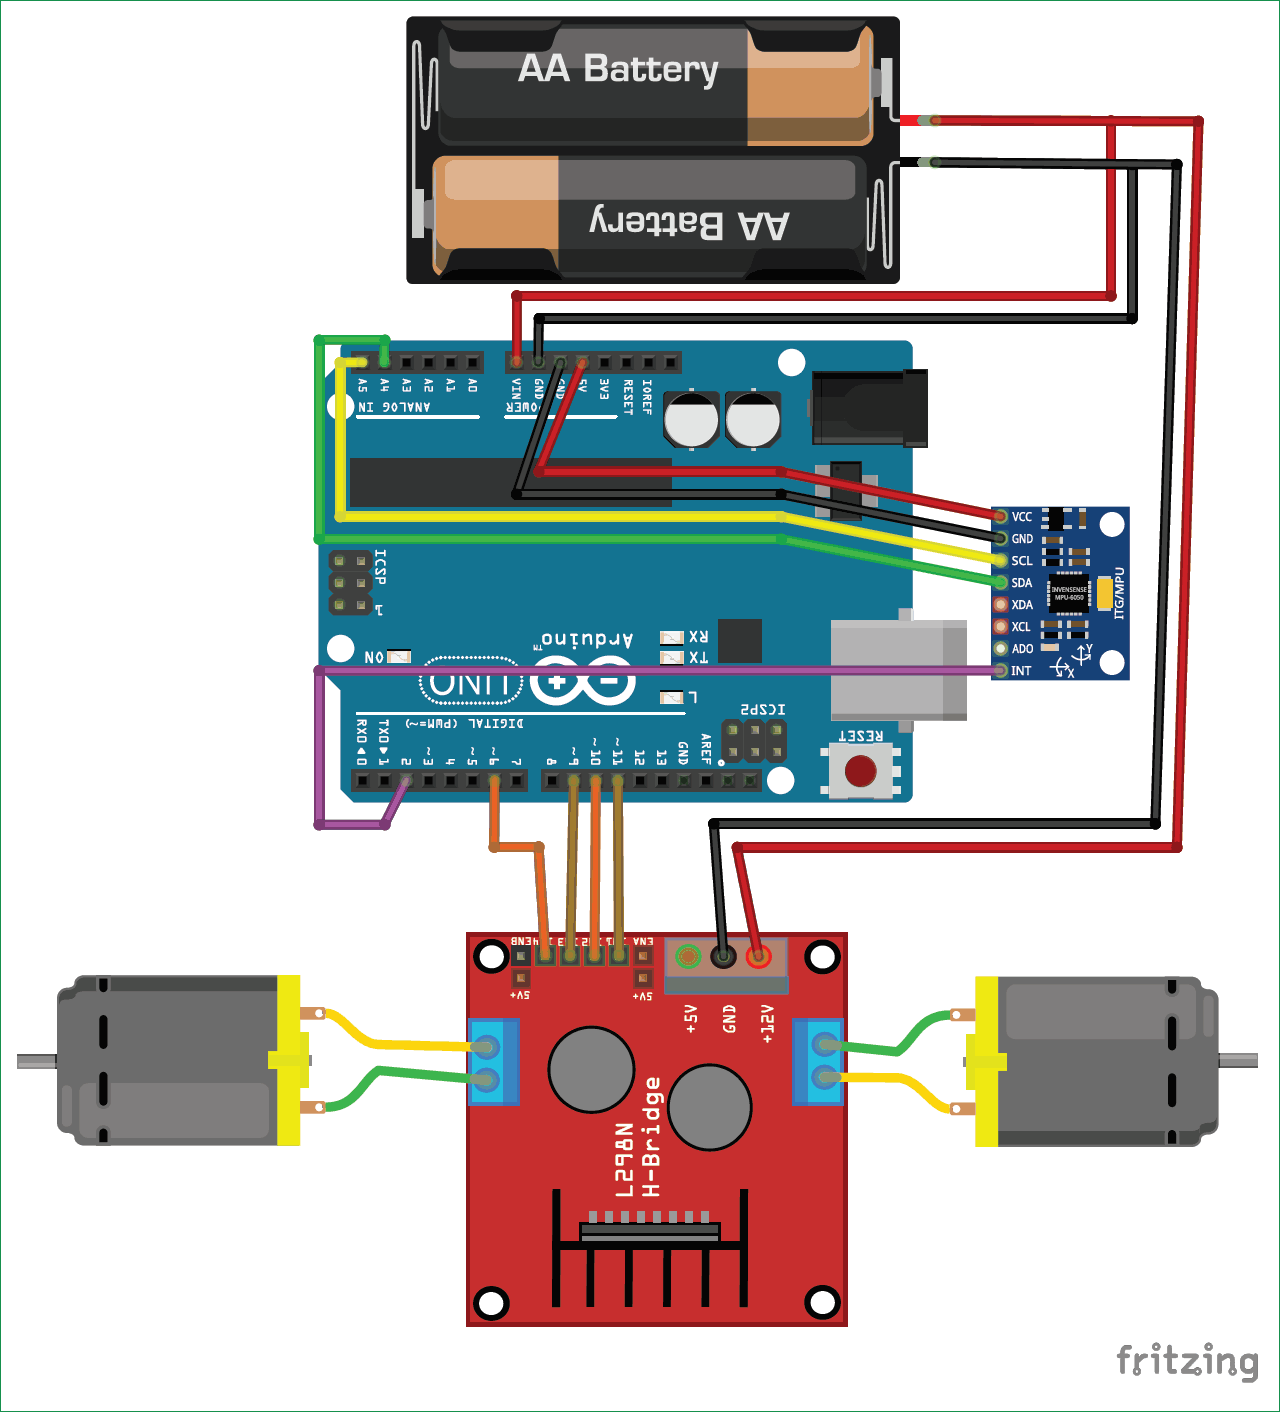 Схема самобалансирующегося робота на основе платы Arduino UNO